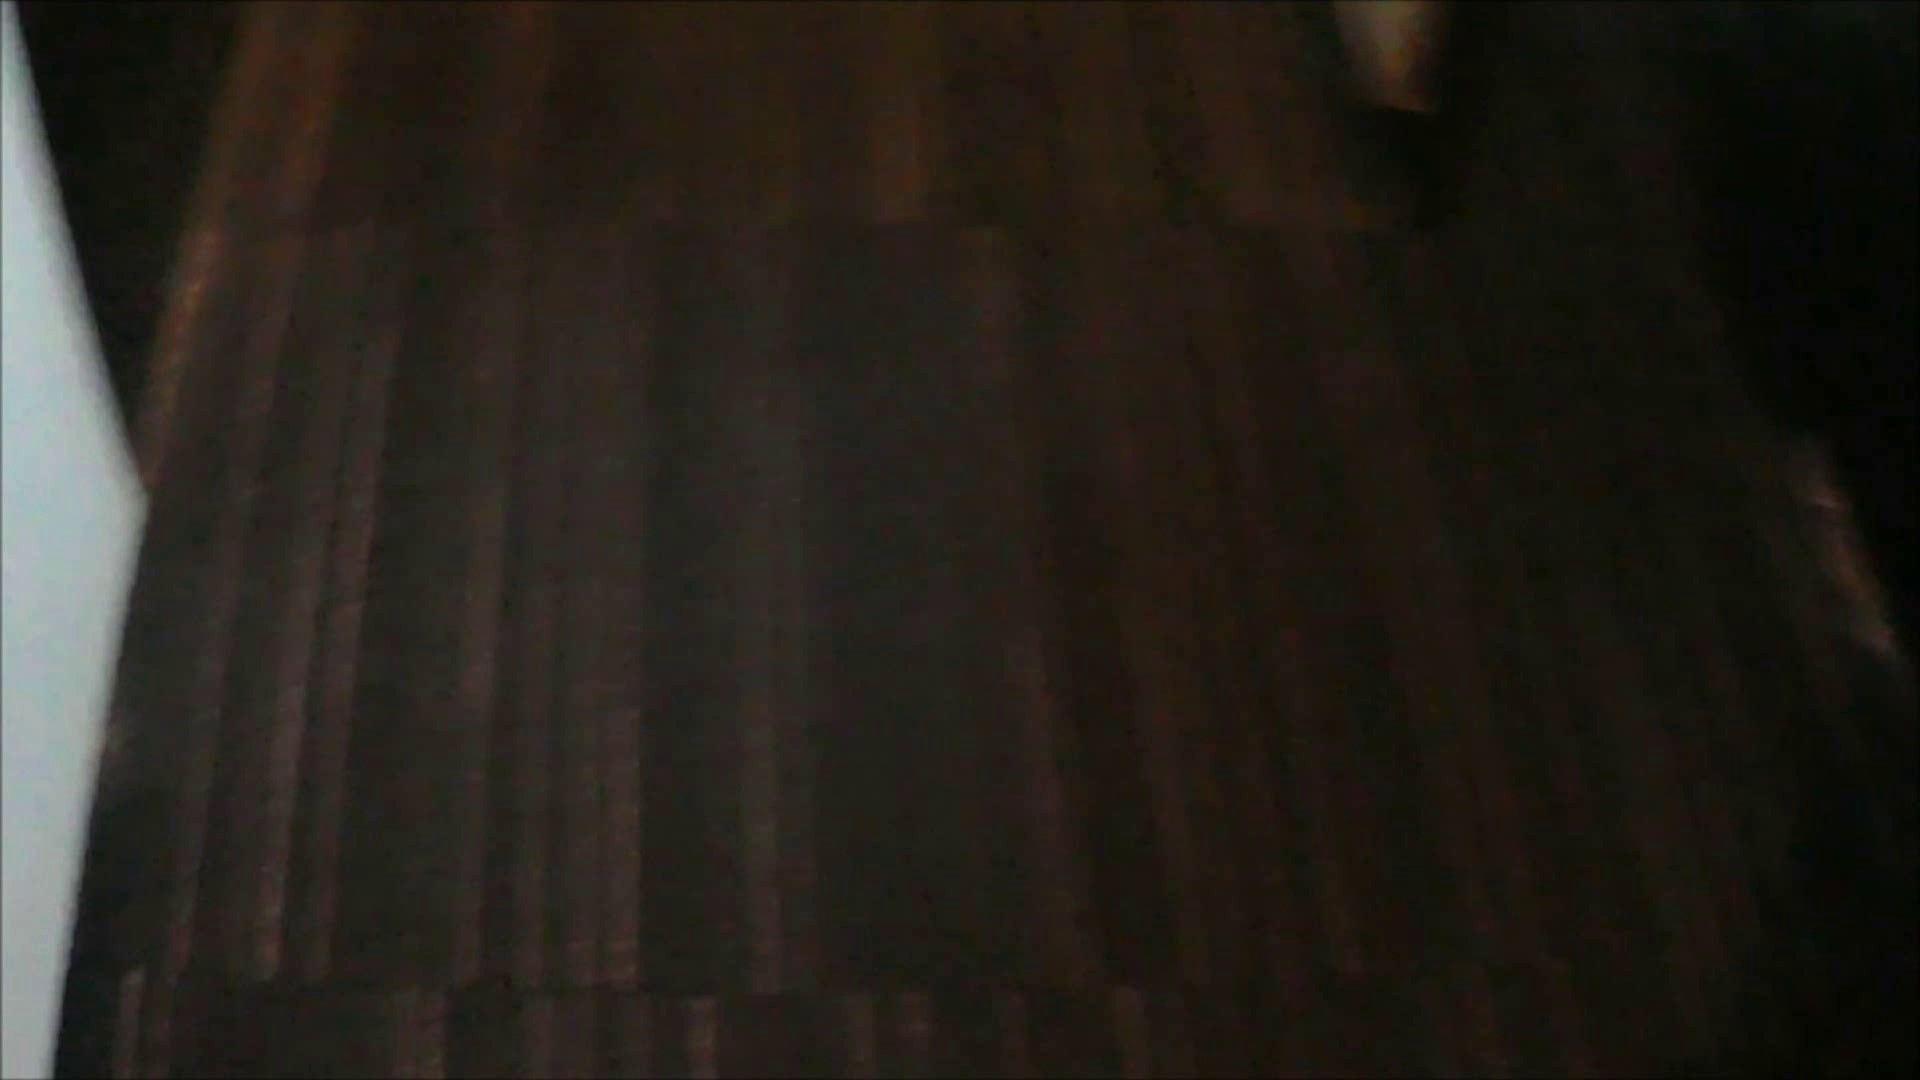 悪戯ネットカフェ Vol.08前編 発見見ててもぬれるんです! 盗撮編 ワレメ無修正動画無料 81枚 33